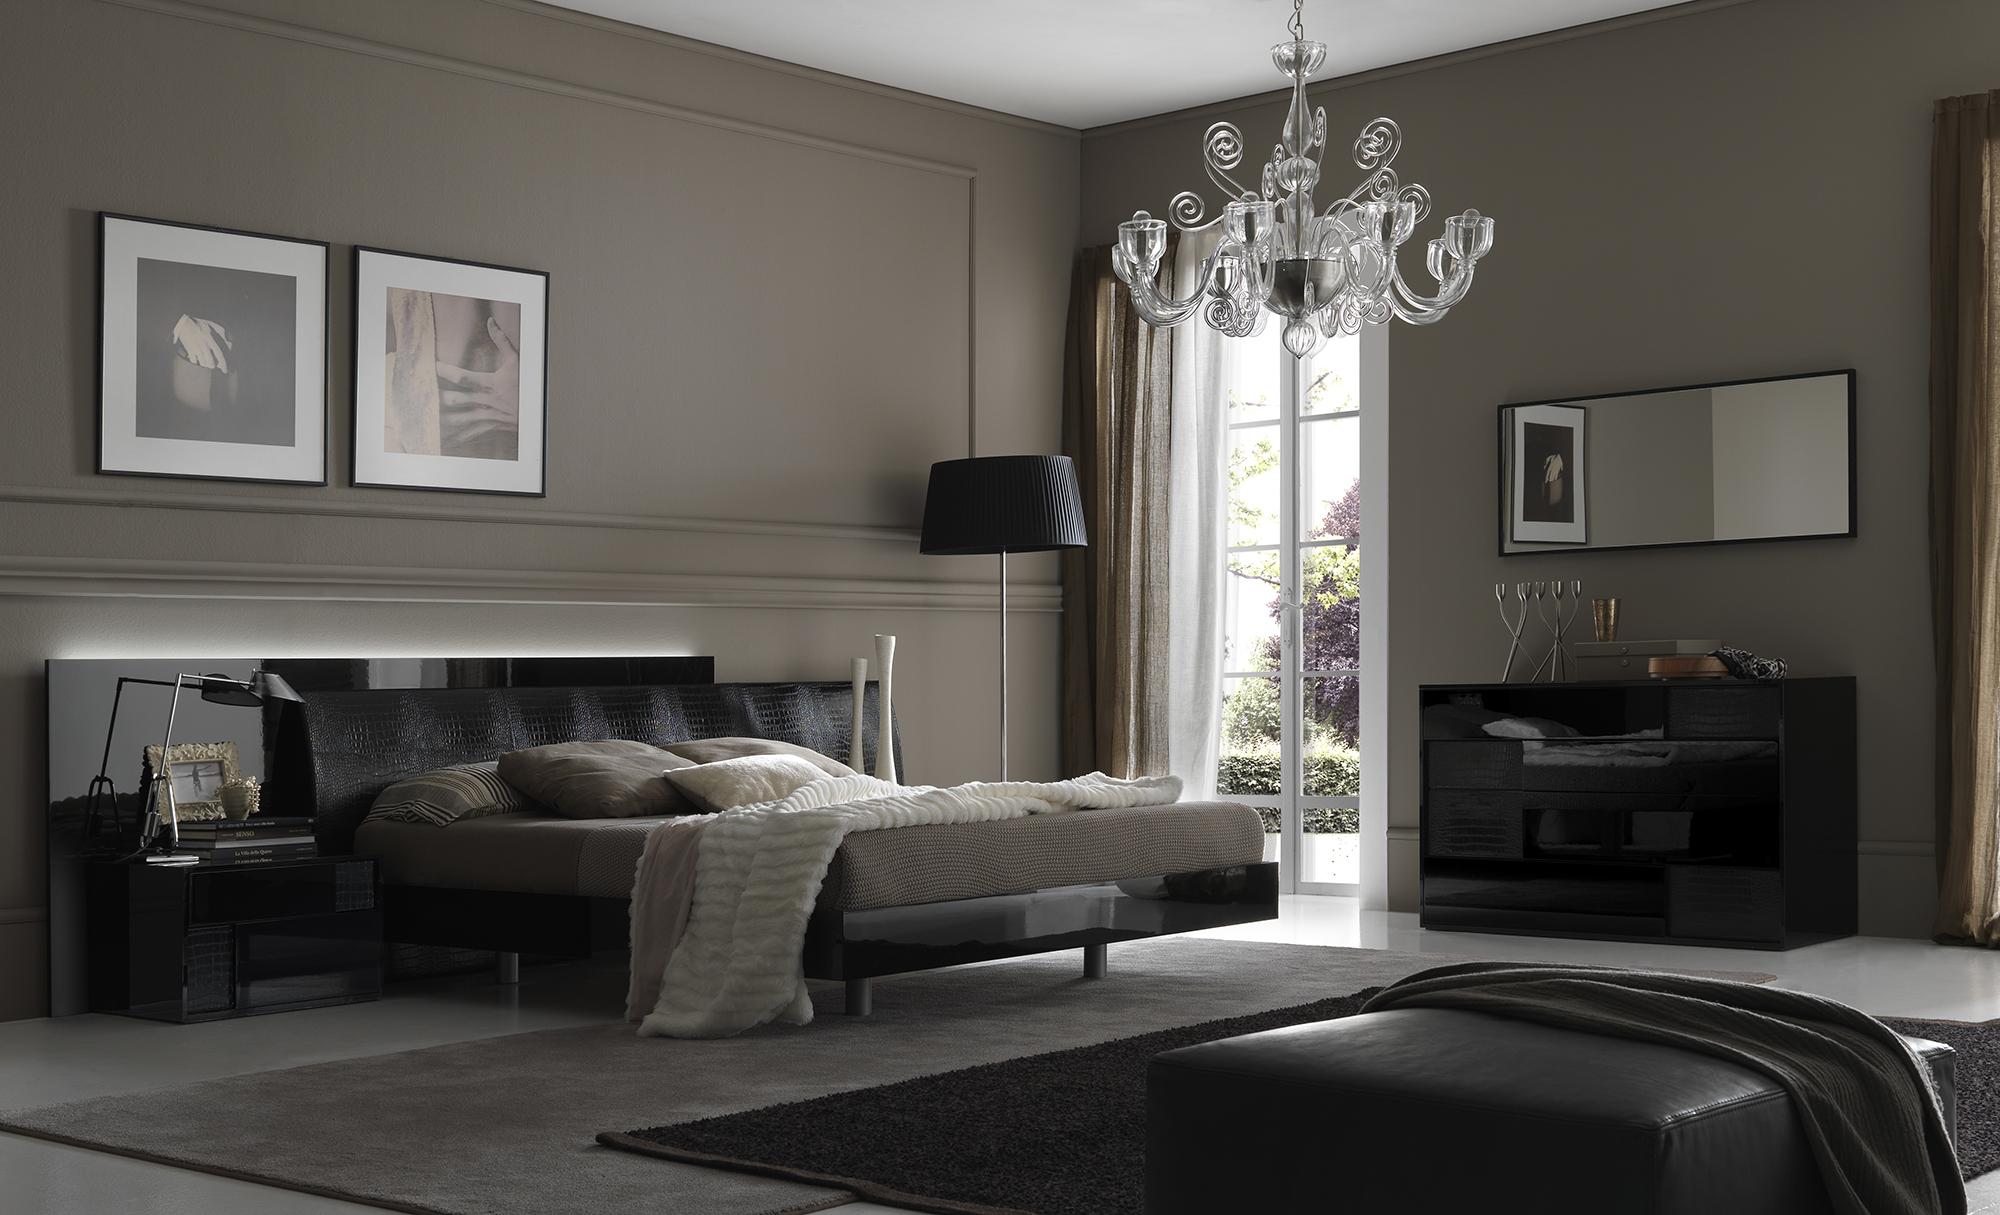 Картины, вазы и другие украшения в спальне в стиле арт-деко